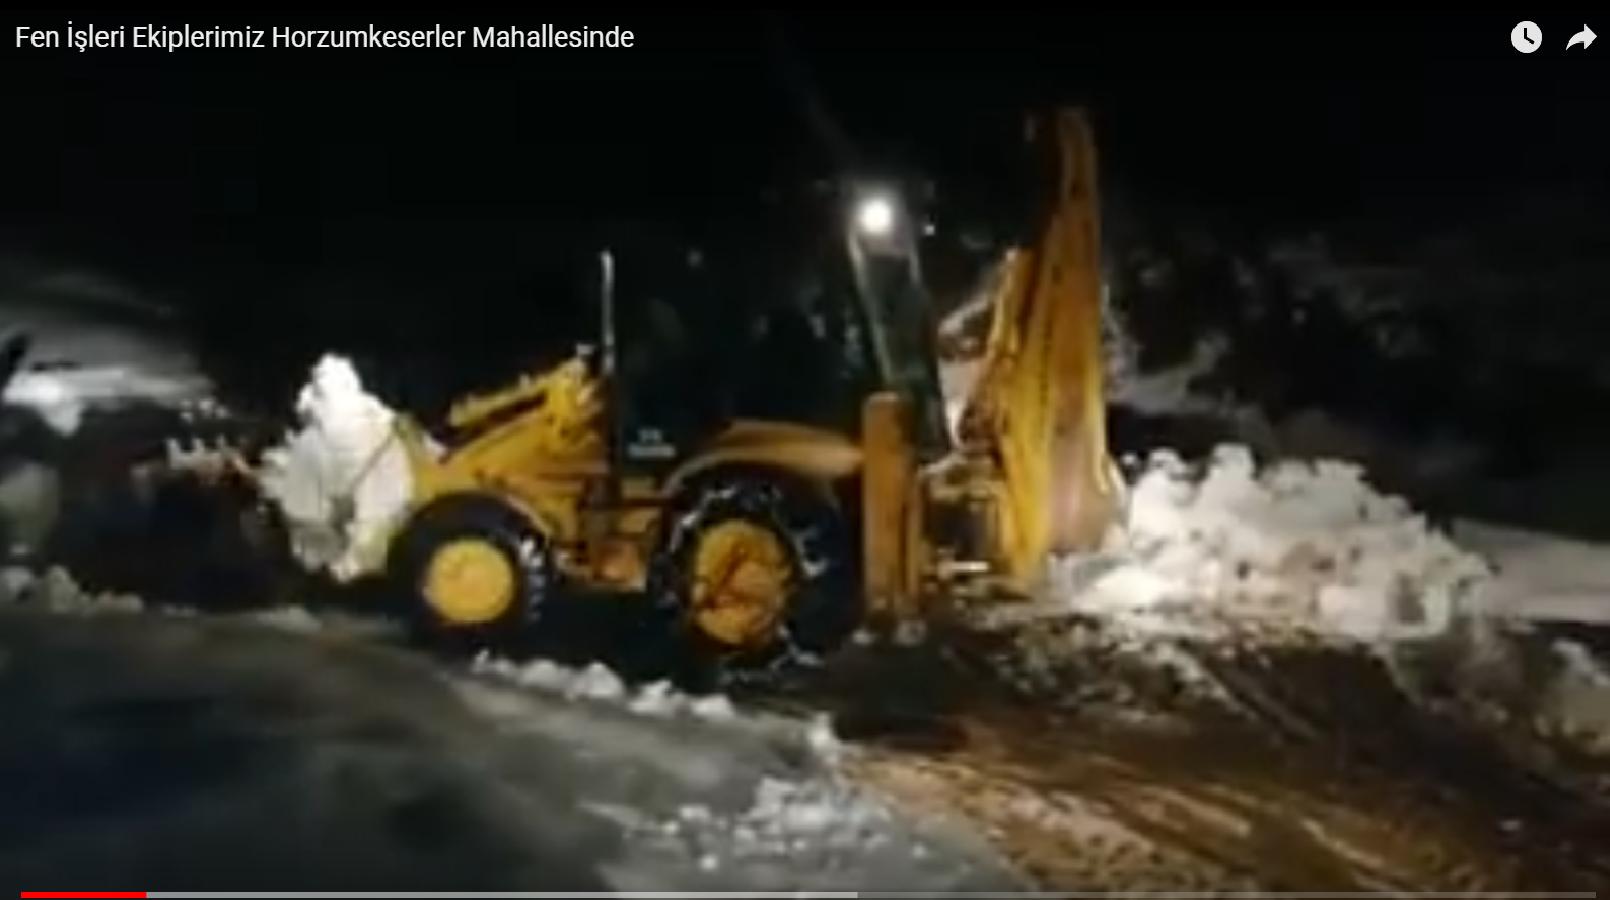 Fen İşleri Ekiplerimiz Karla Mücadeleye Devam Ediyor